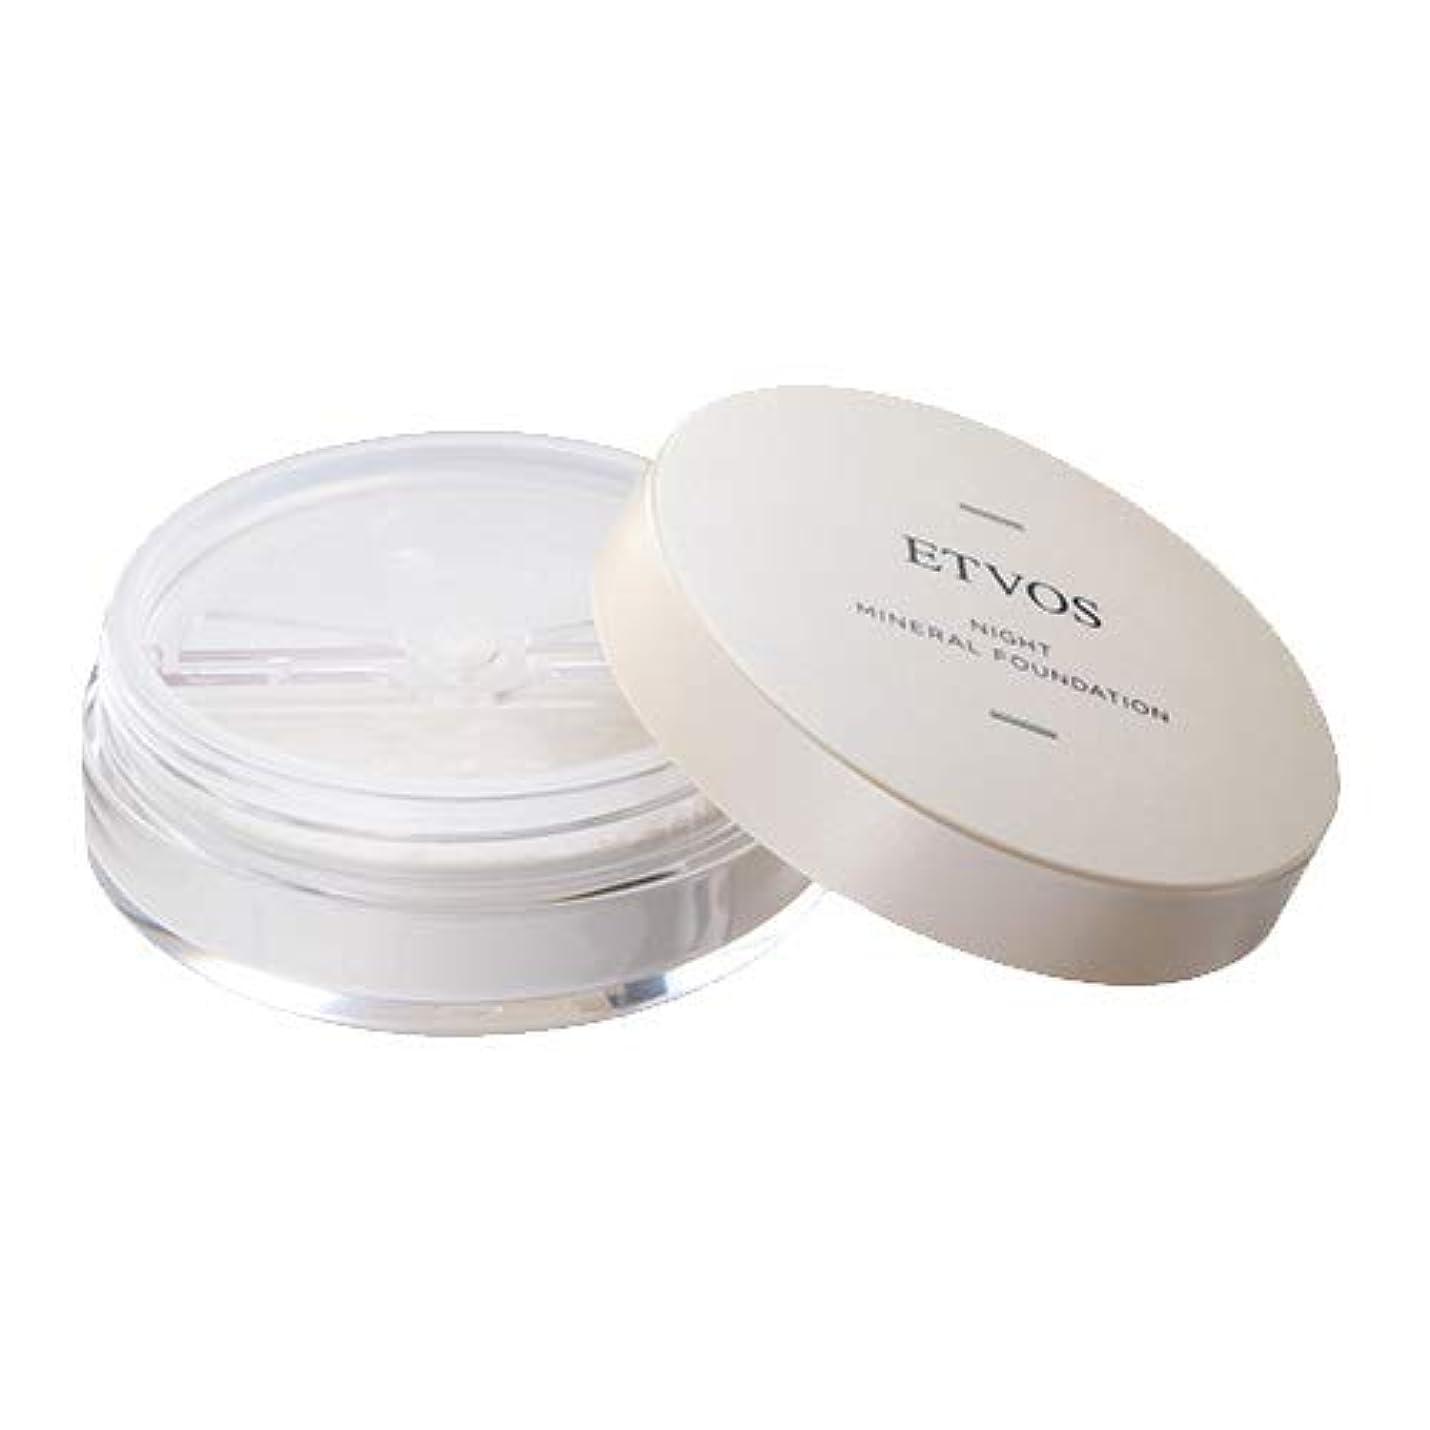 主張するで王室ETVOS(エトヴォス) 夜用化粧下地 ナイトミネラルファンデーション 5g フェイスパウダー 皮脂吸着/崩れ防止